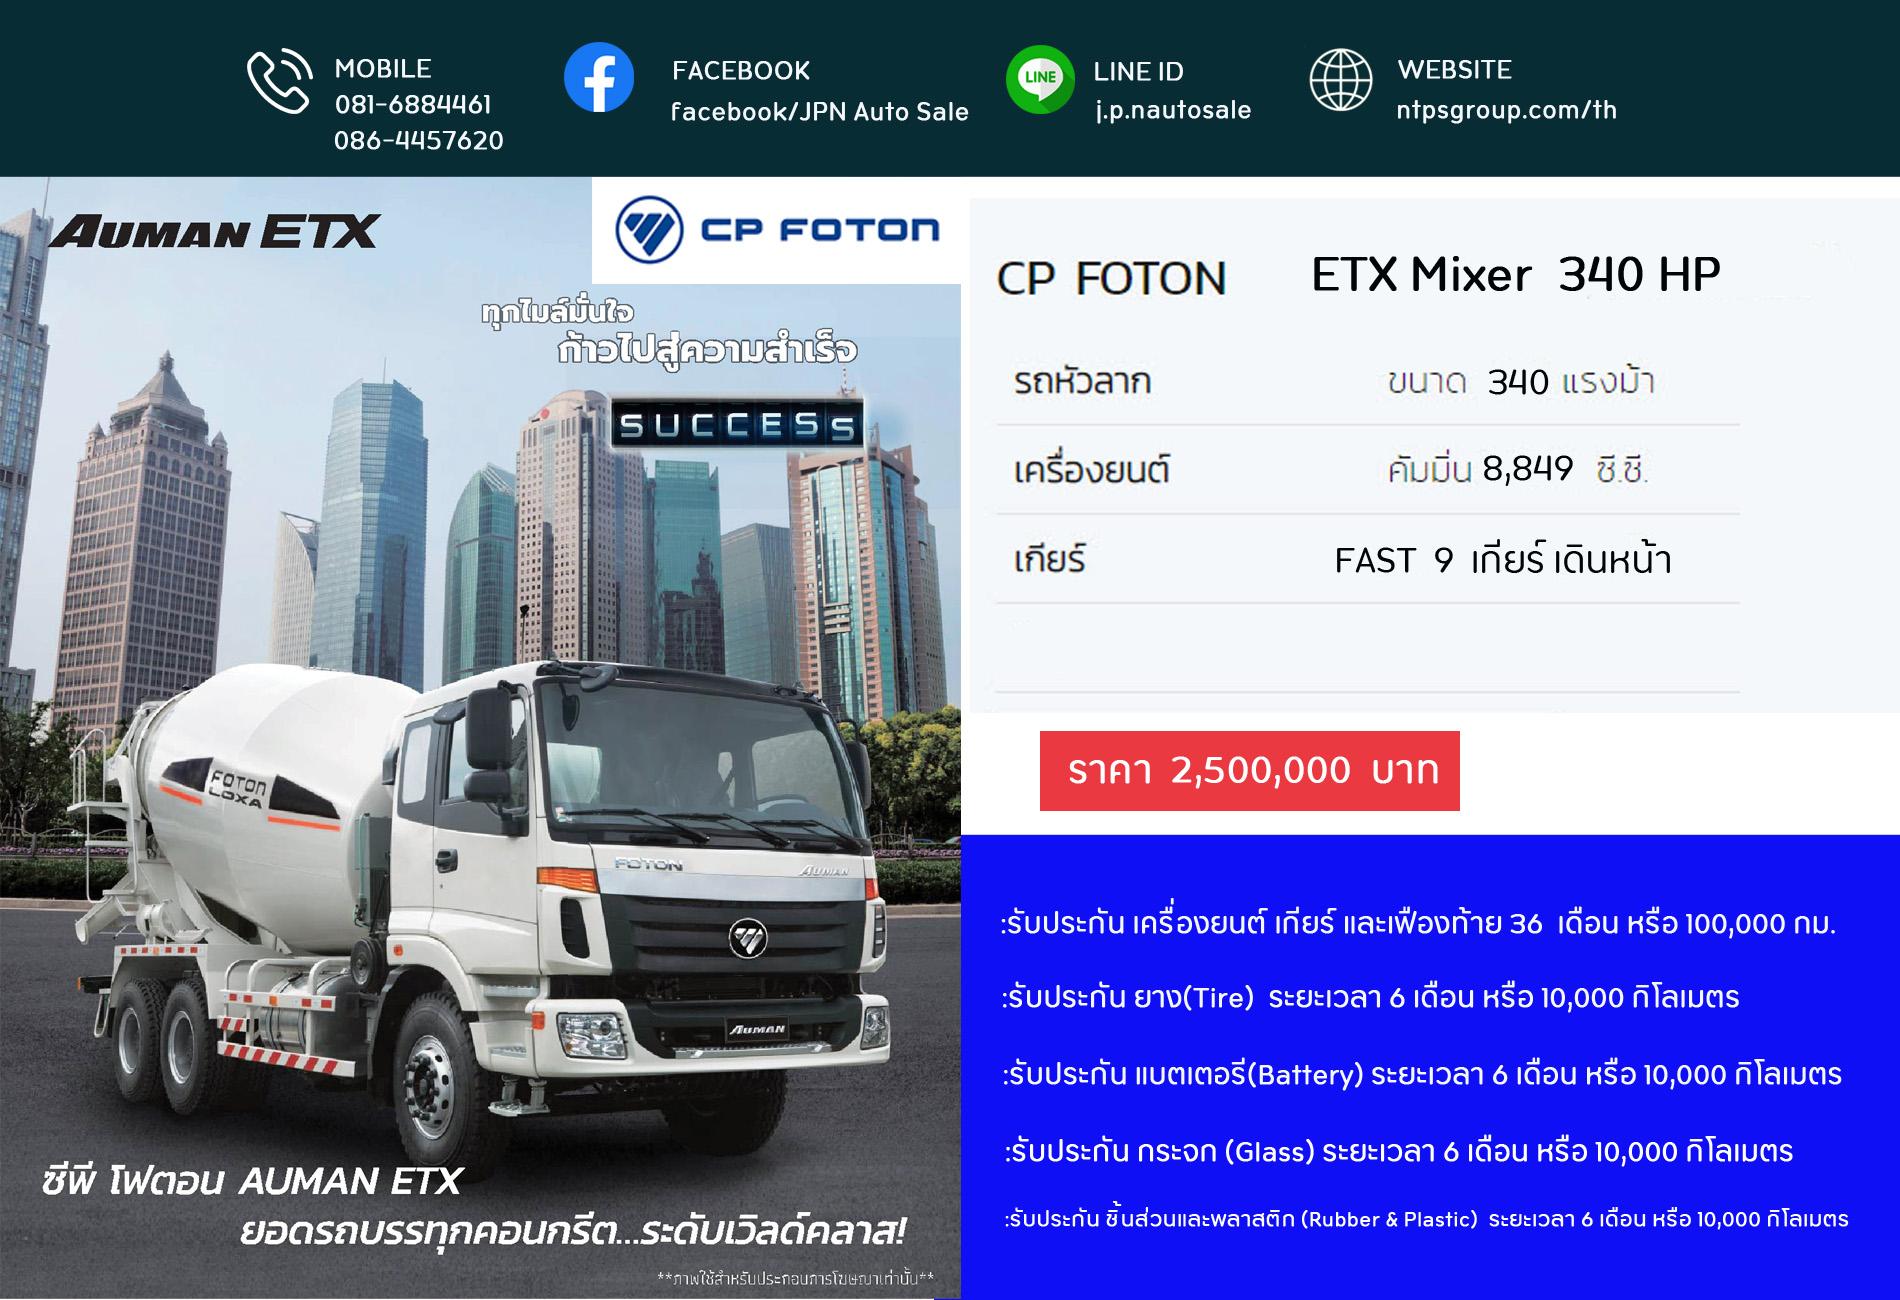 ETX Mixer 340